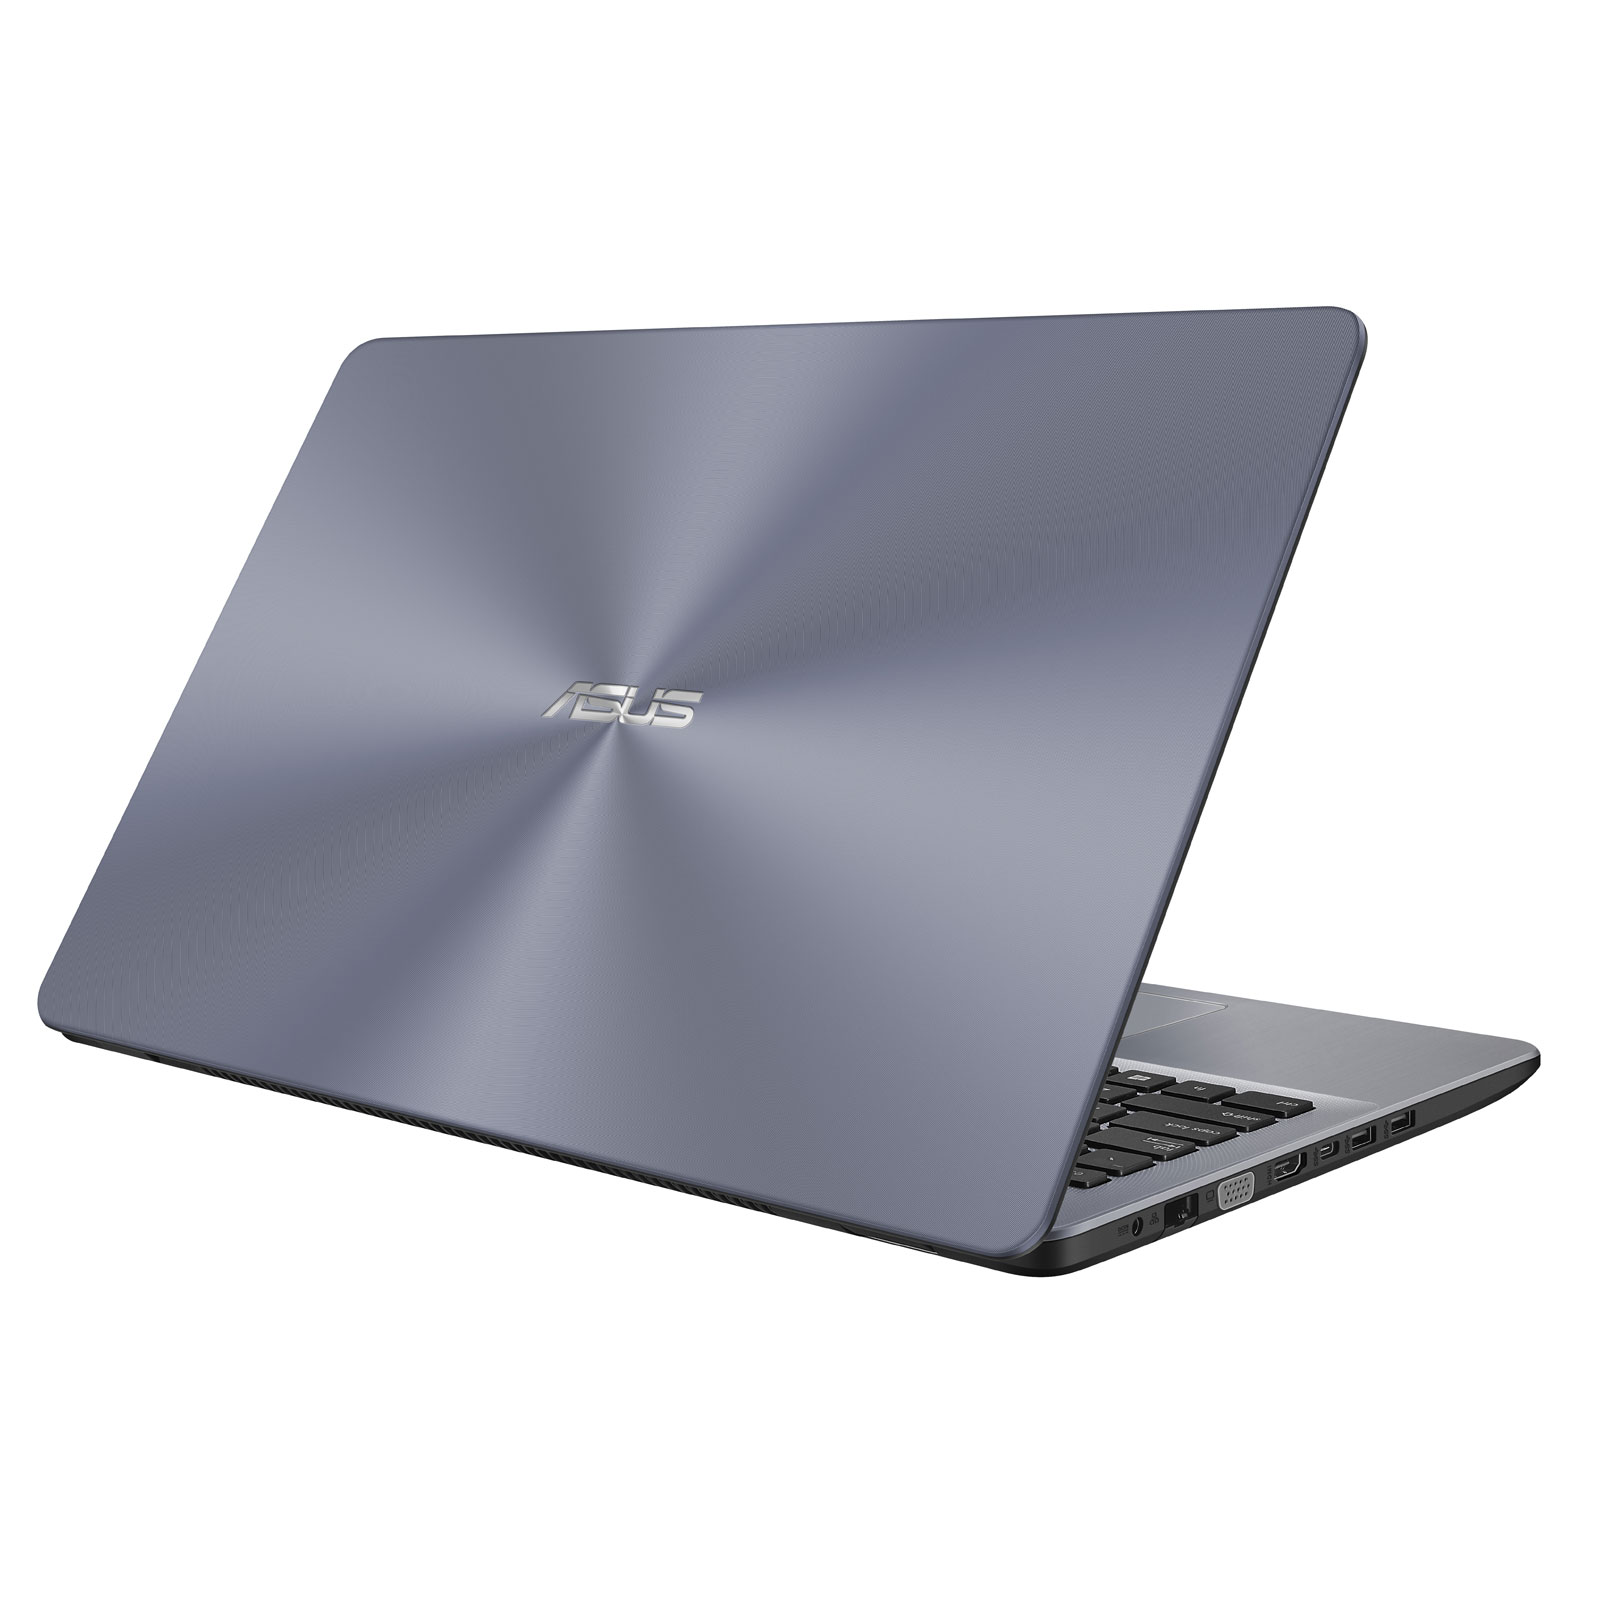 Asus 90NB0F22-M08100 - PC portable Asus - Cybertek.fr - 2